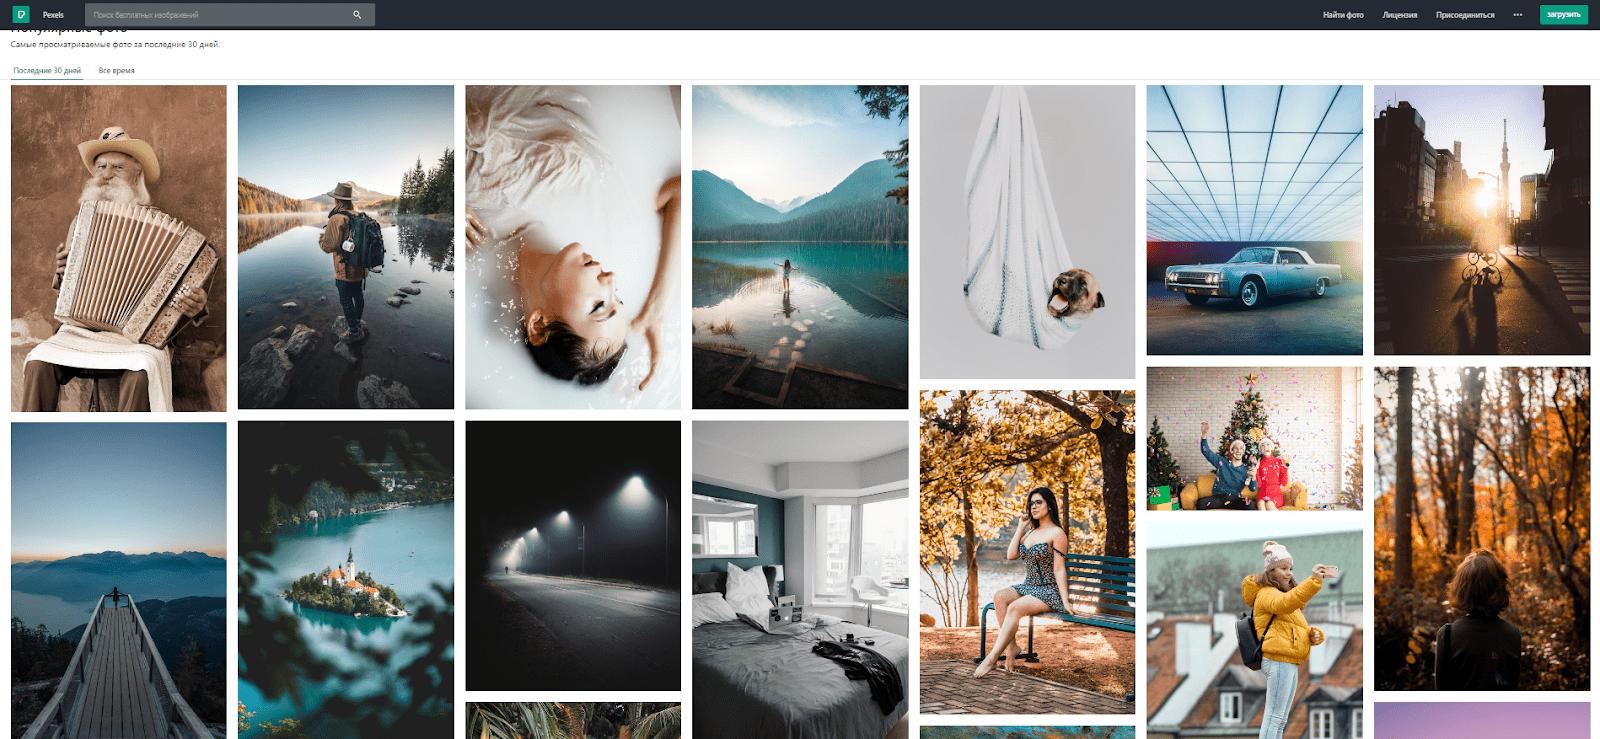 Оценить уровень фотографий легко, заглянув в категорию «Популярные». Вот выдача за последние 30 дней